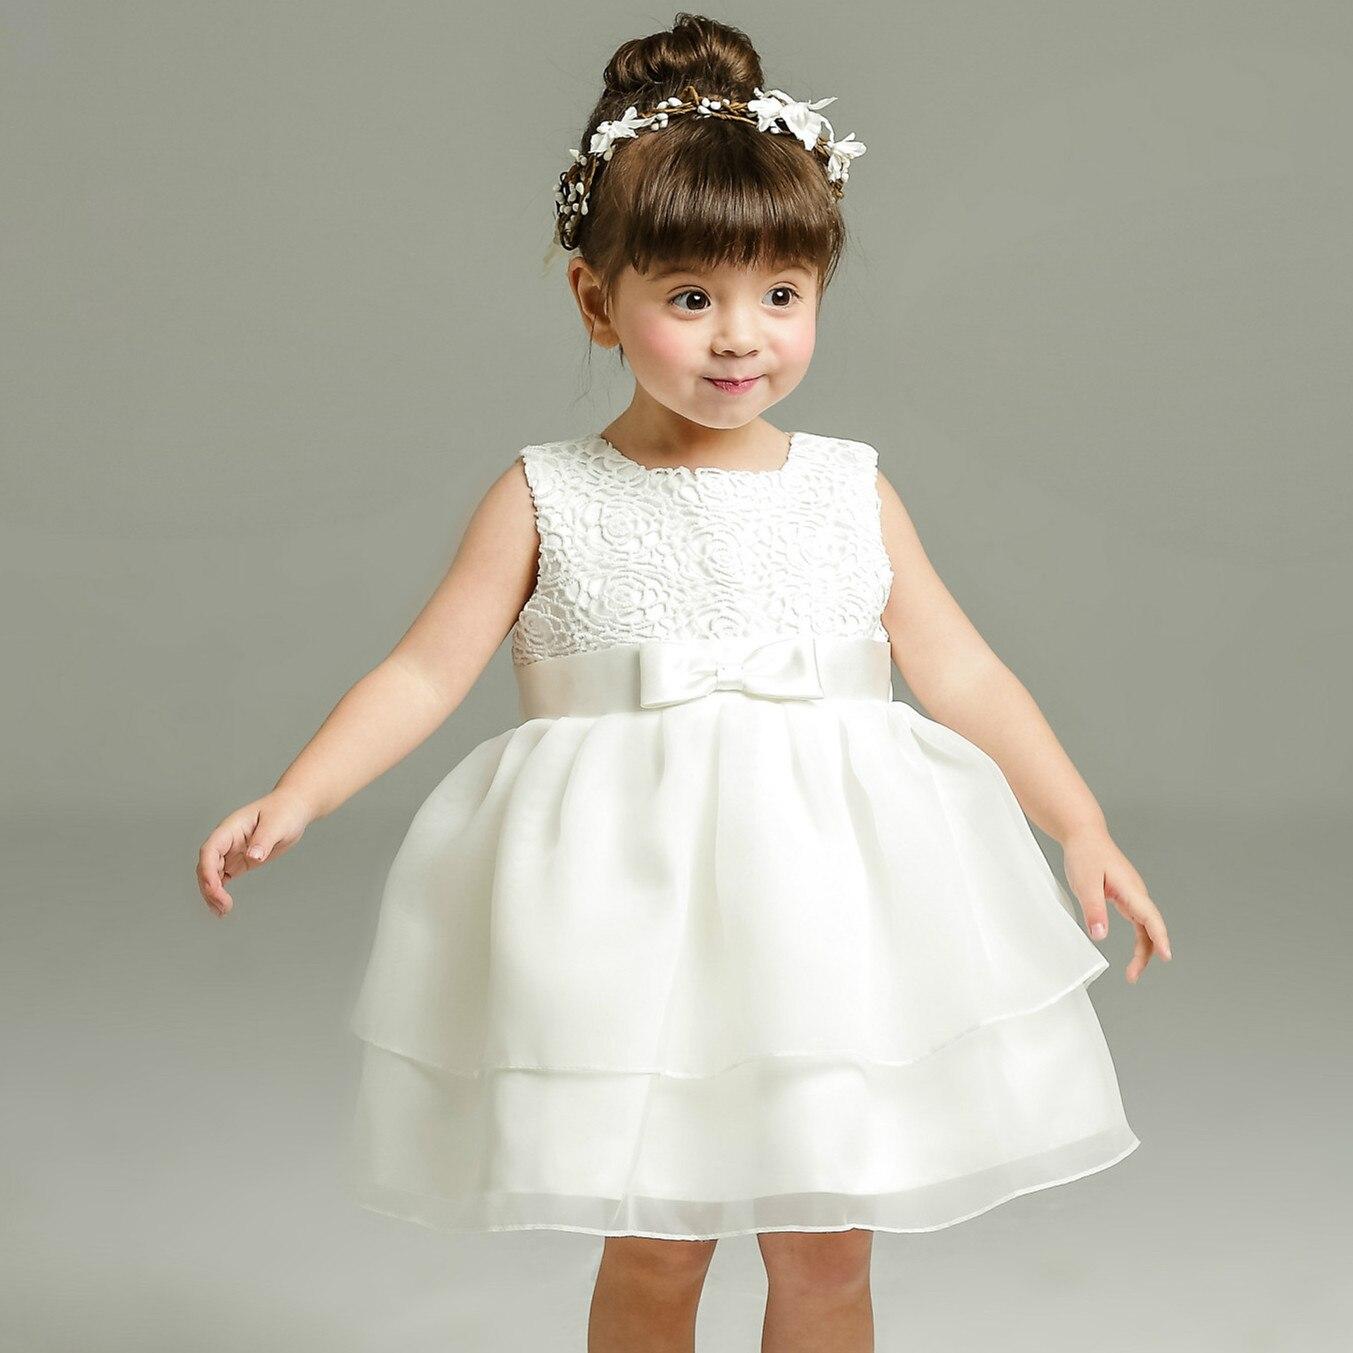 1 წლის ბავშვის გოგონა კაბა - ტანსაცმელი ჩვილებისთვის - ფოტო 3